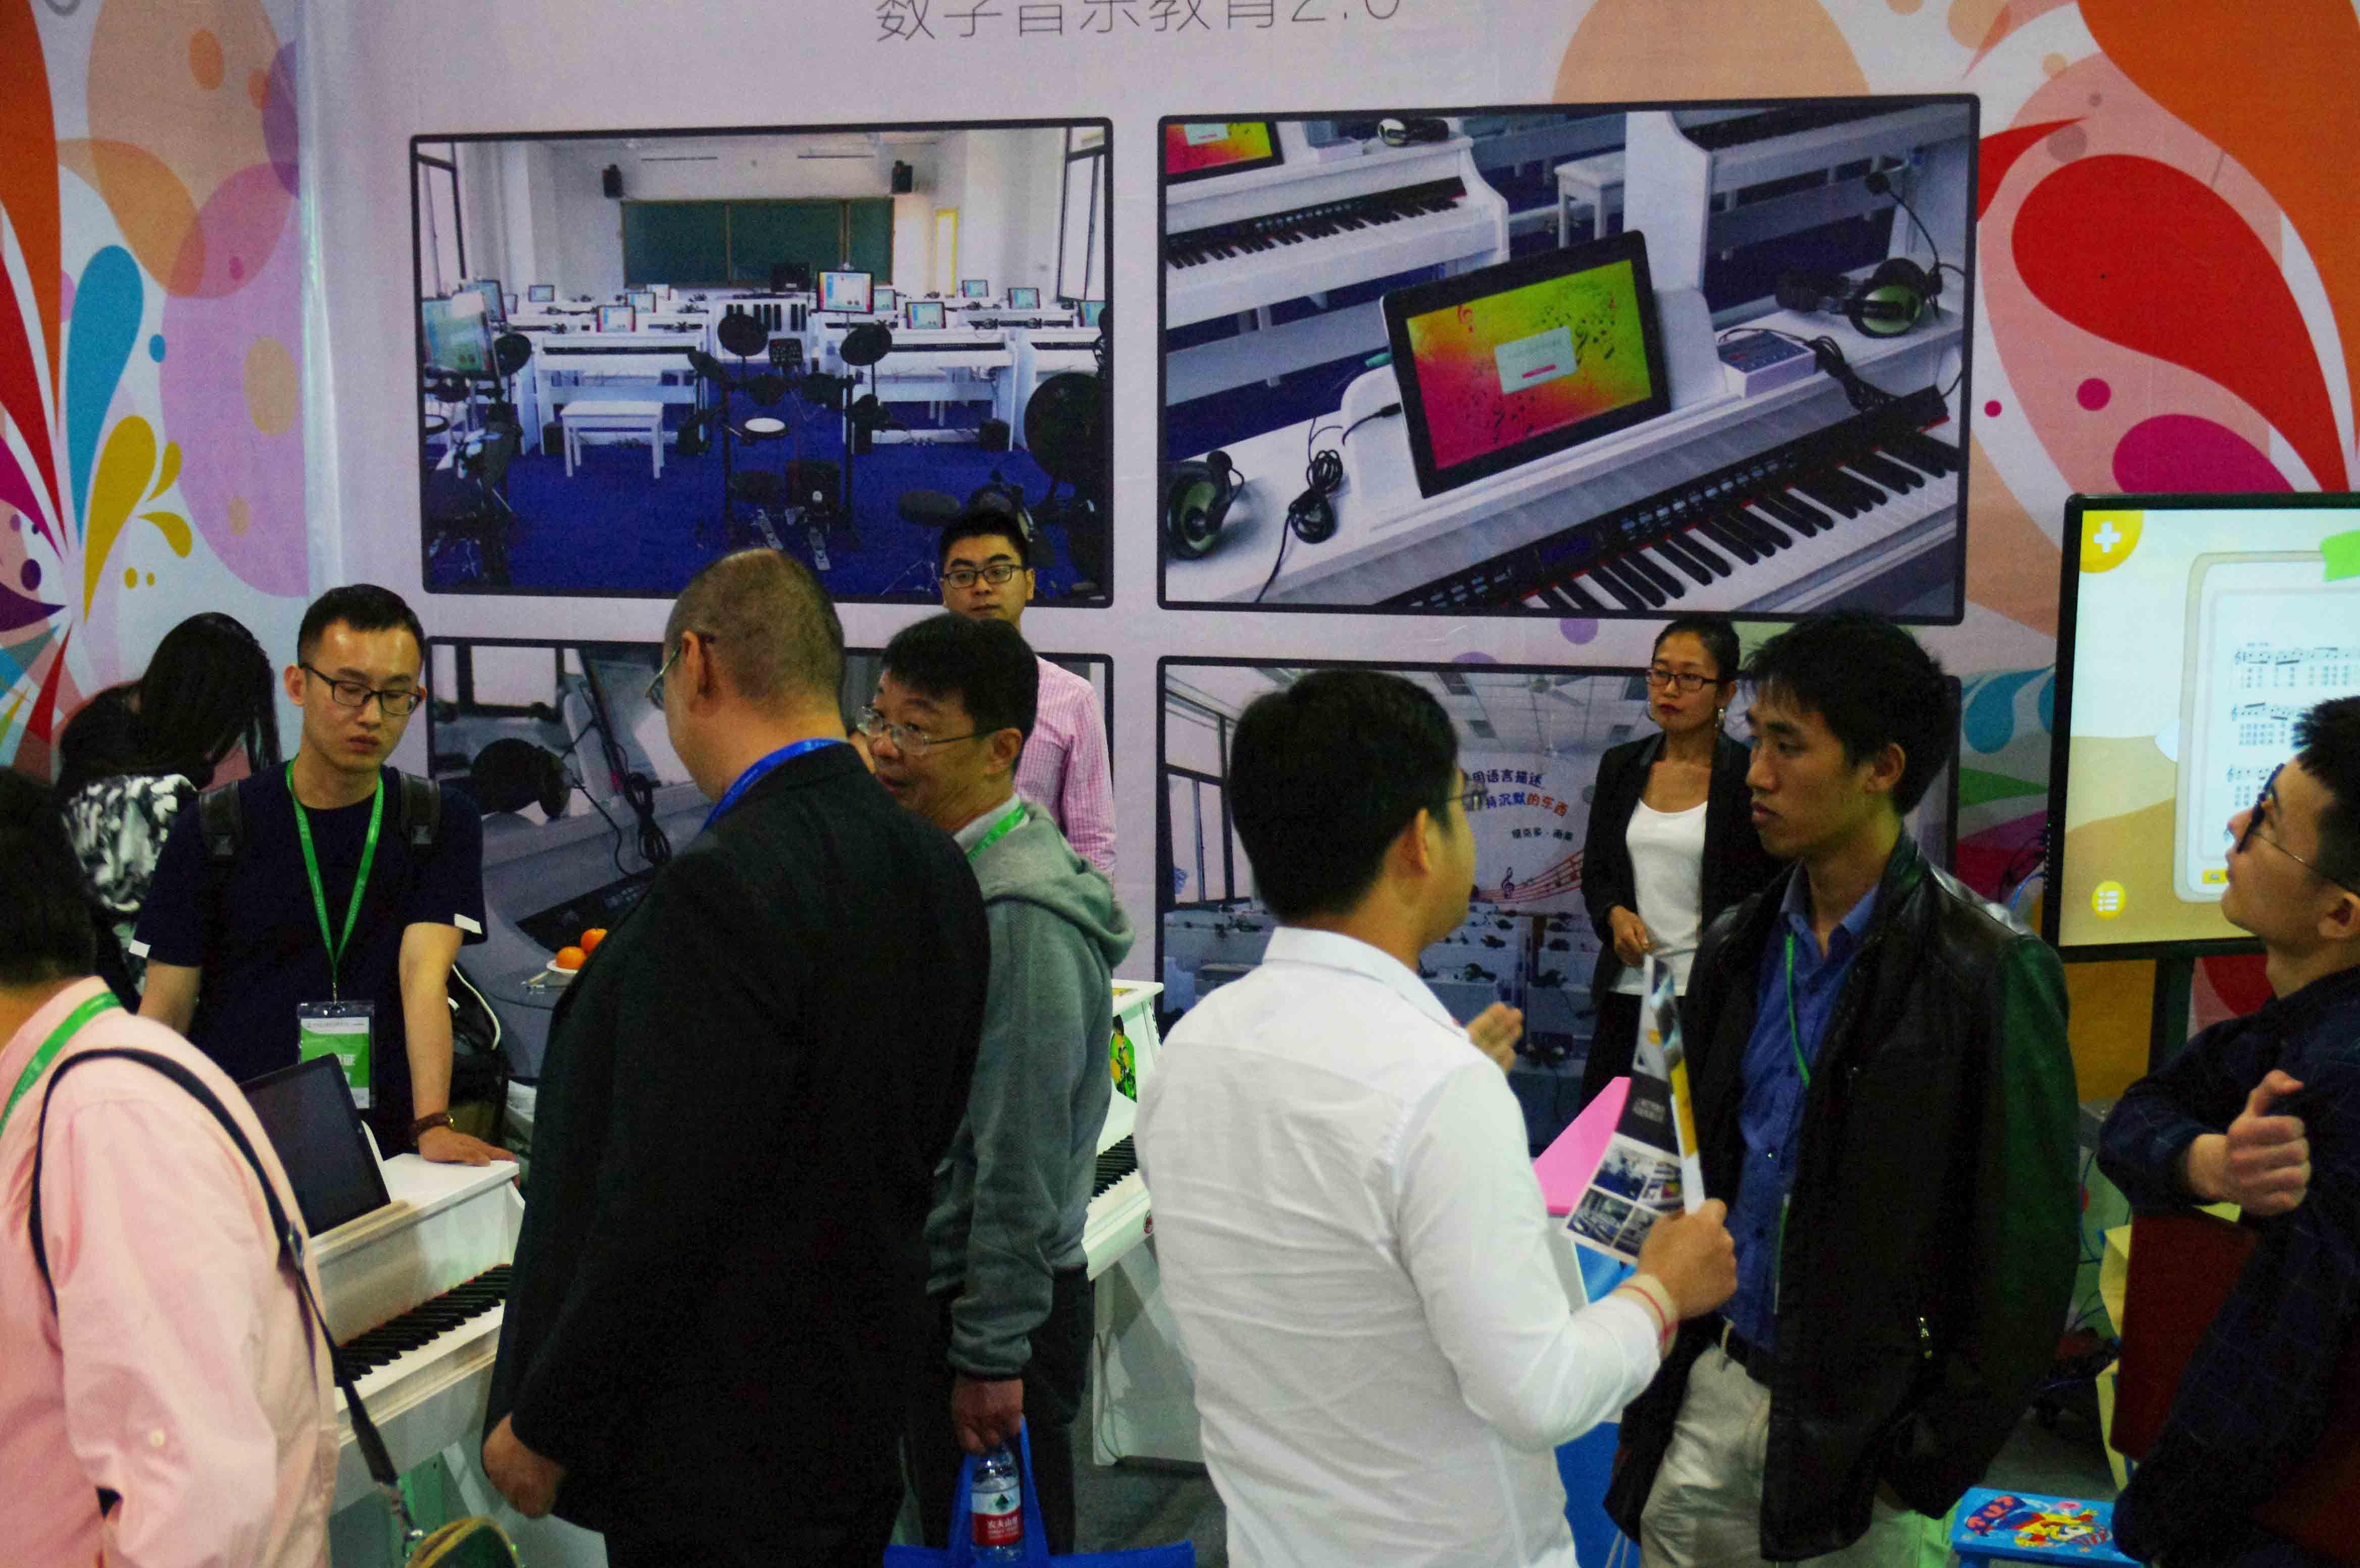 上海藝埠亮相74屆全國教育裝備展...